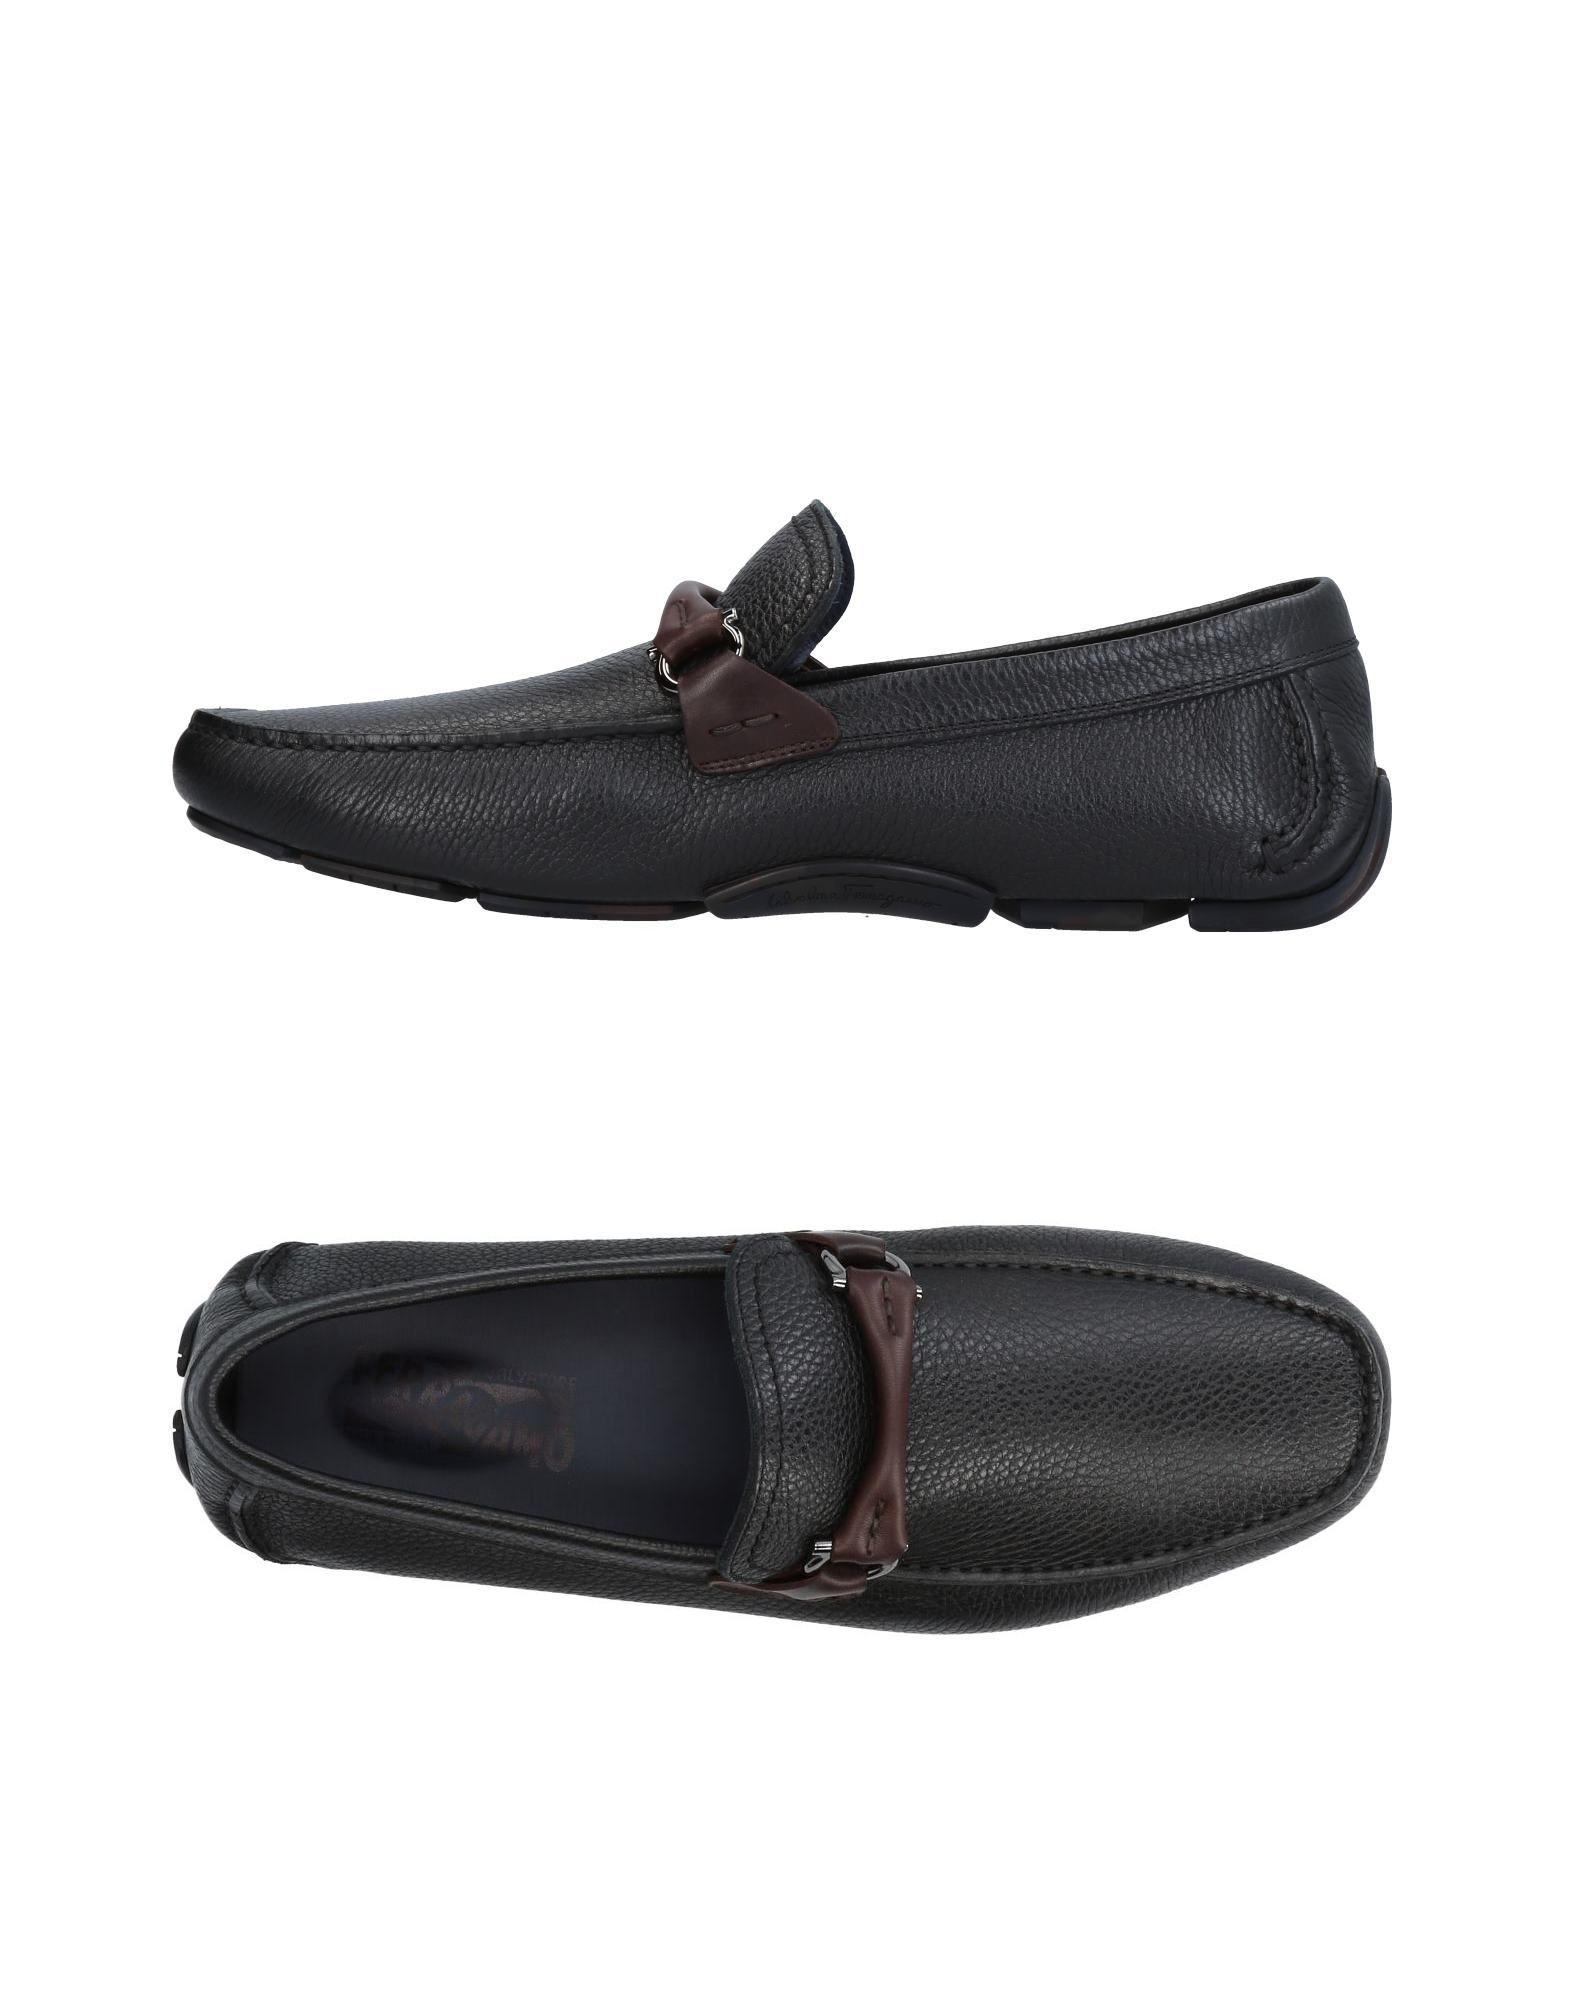 Salvatore Ferragamo Mokassins Herren  11434848GM Gute Qualität beliebte Schuhe